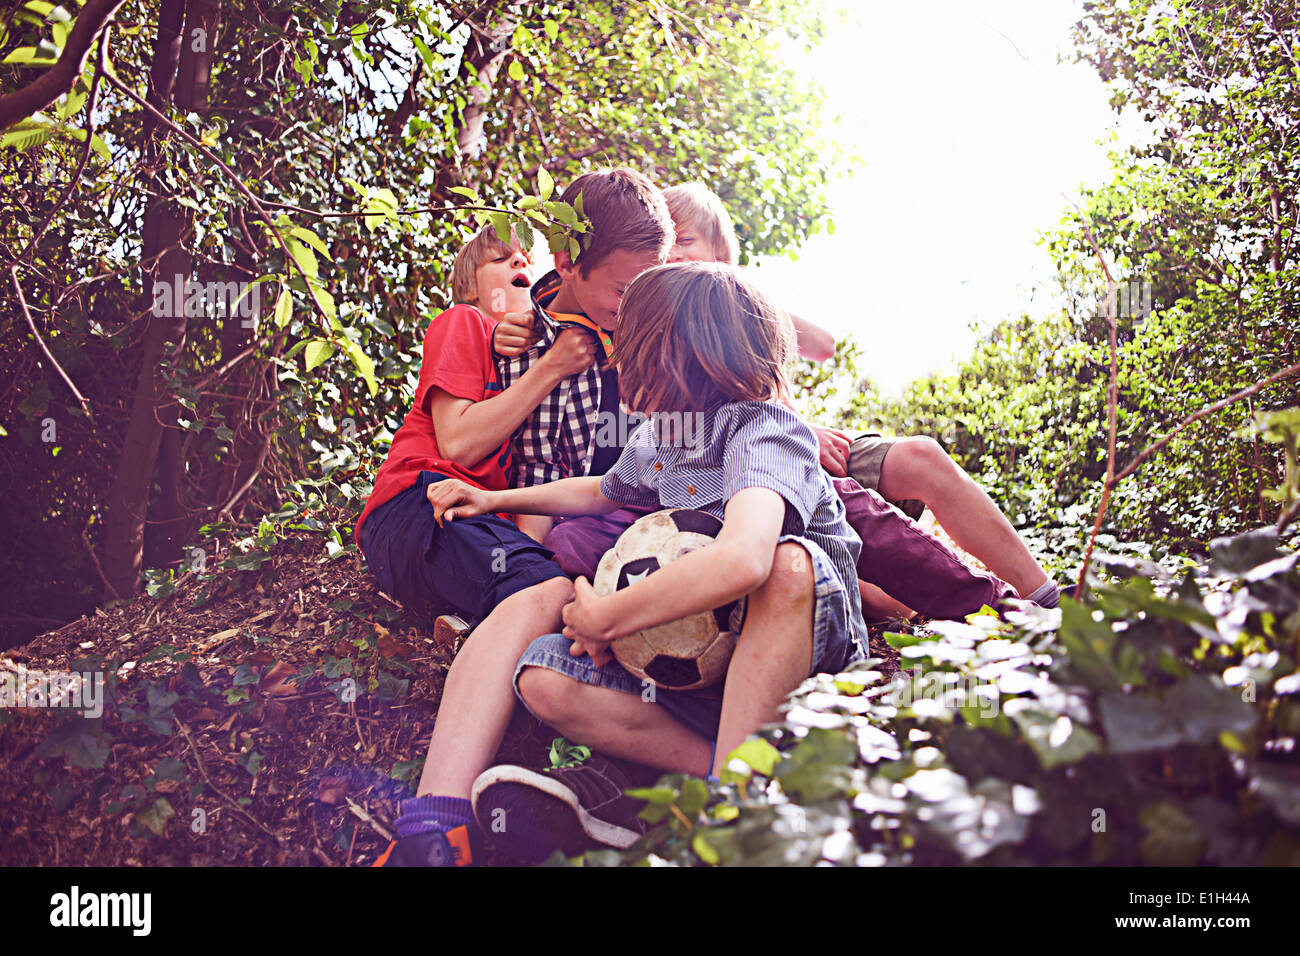 Ragazzi giocare nella foresta Immagini Stock